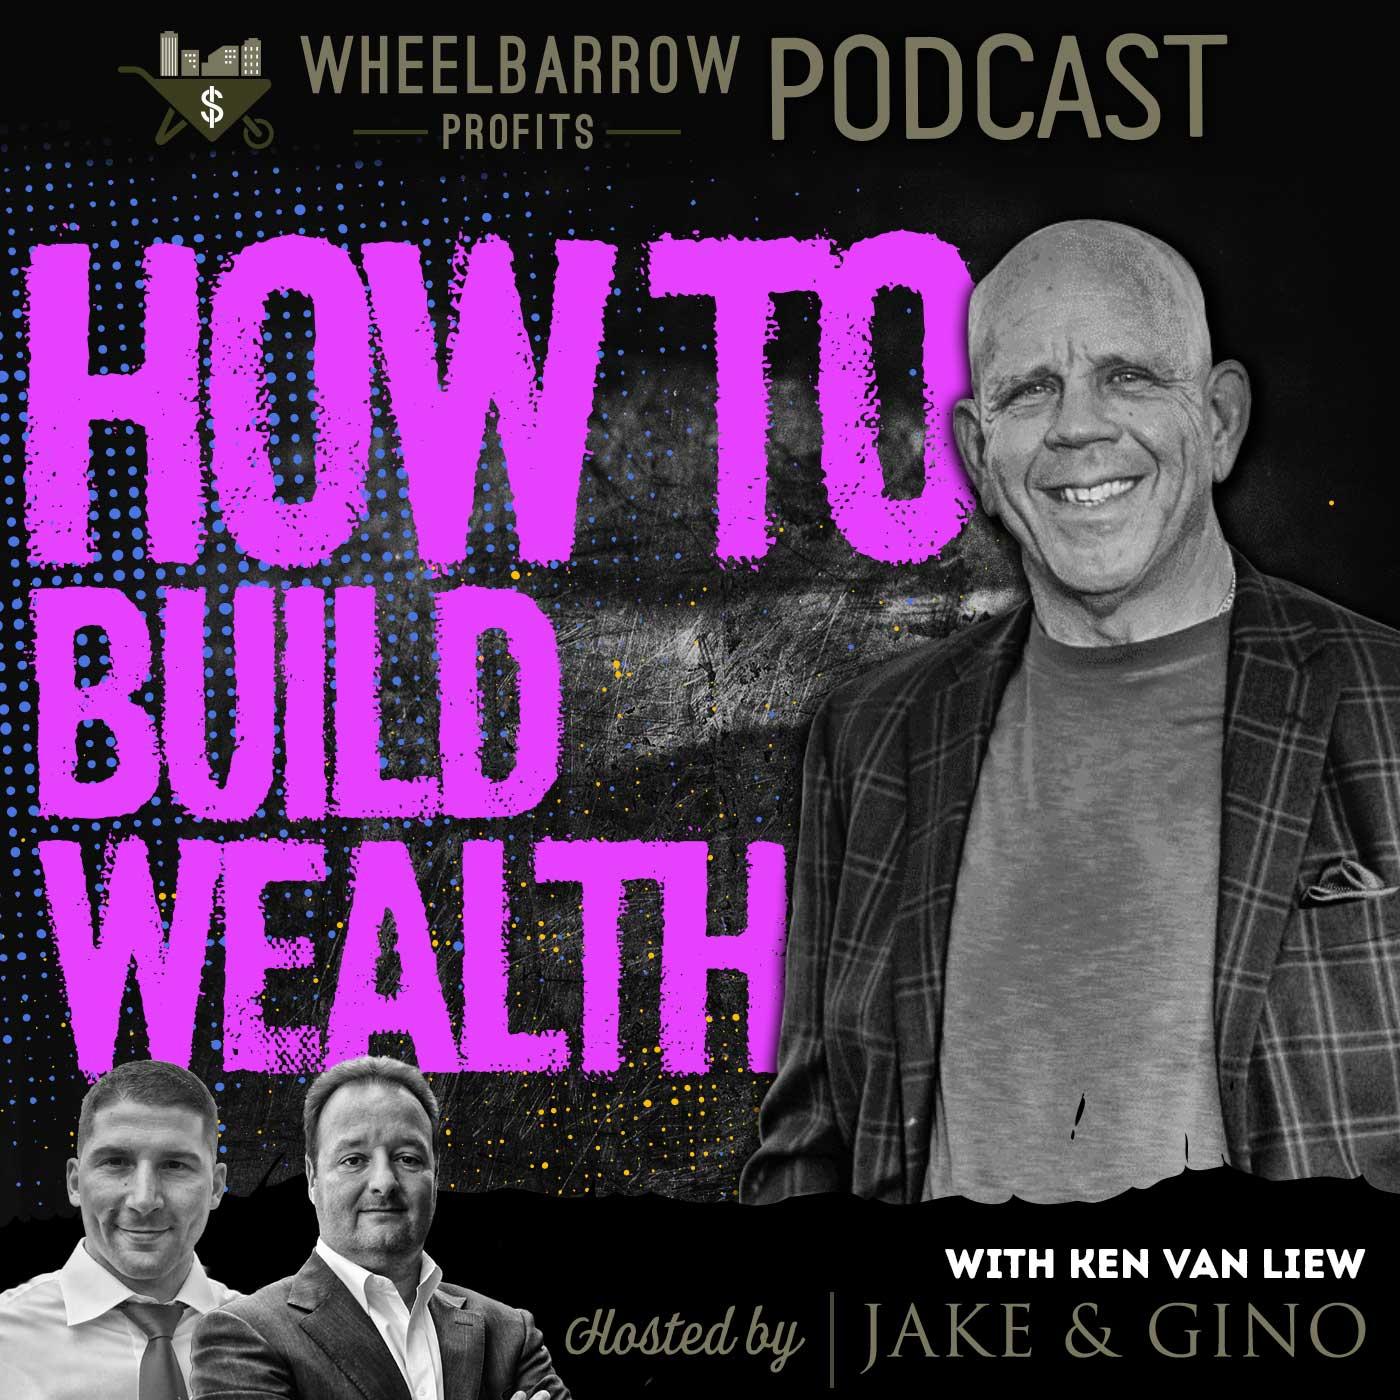 WBP - How To Build Wealth With Ken Van Liew